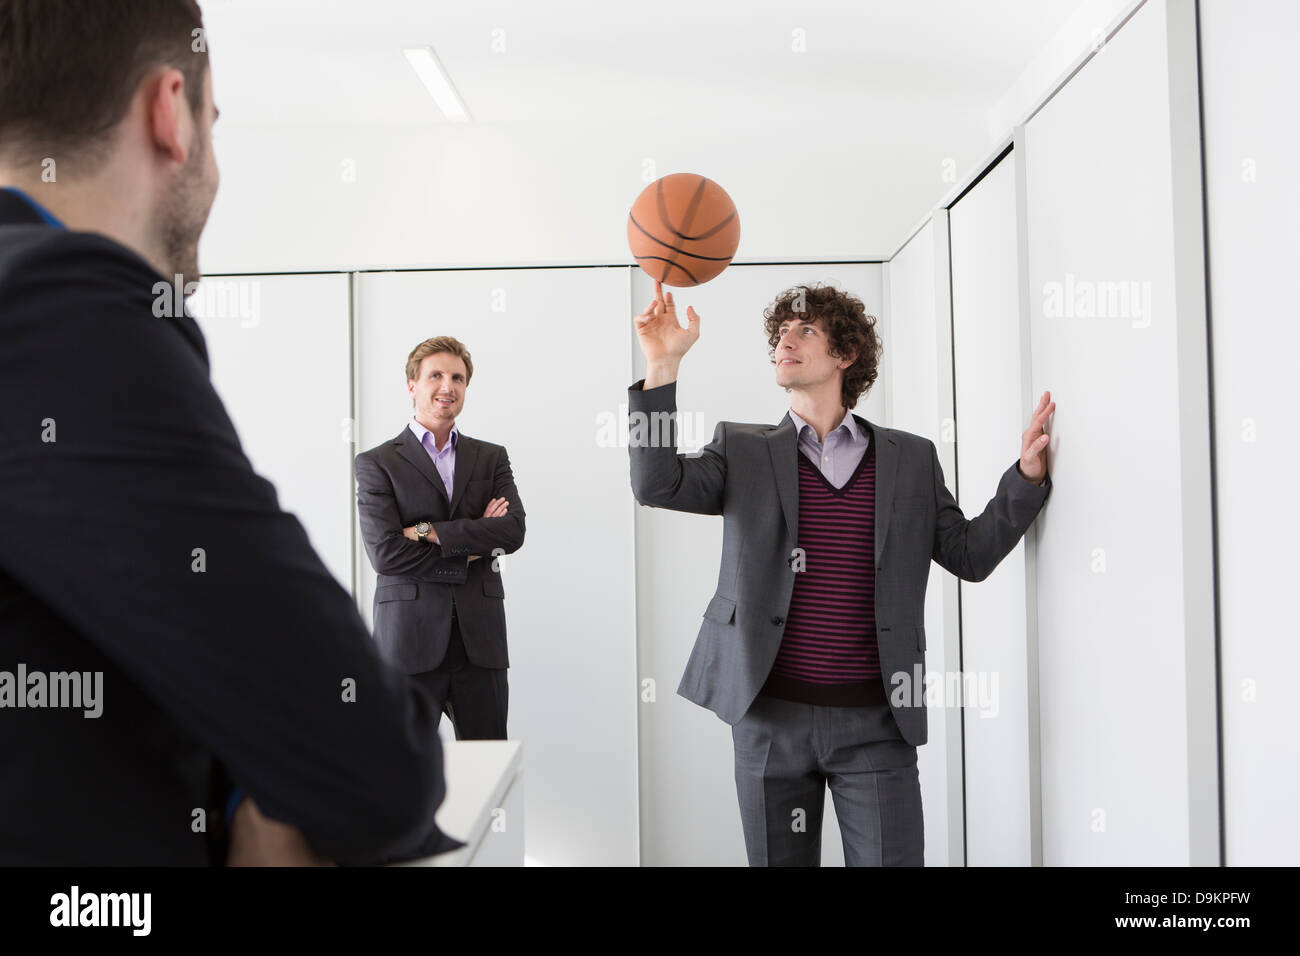 Büroangestellte, die Spinnen Basketball am finger Stockbild